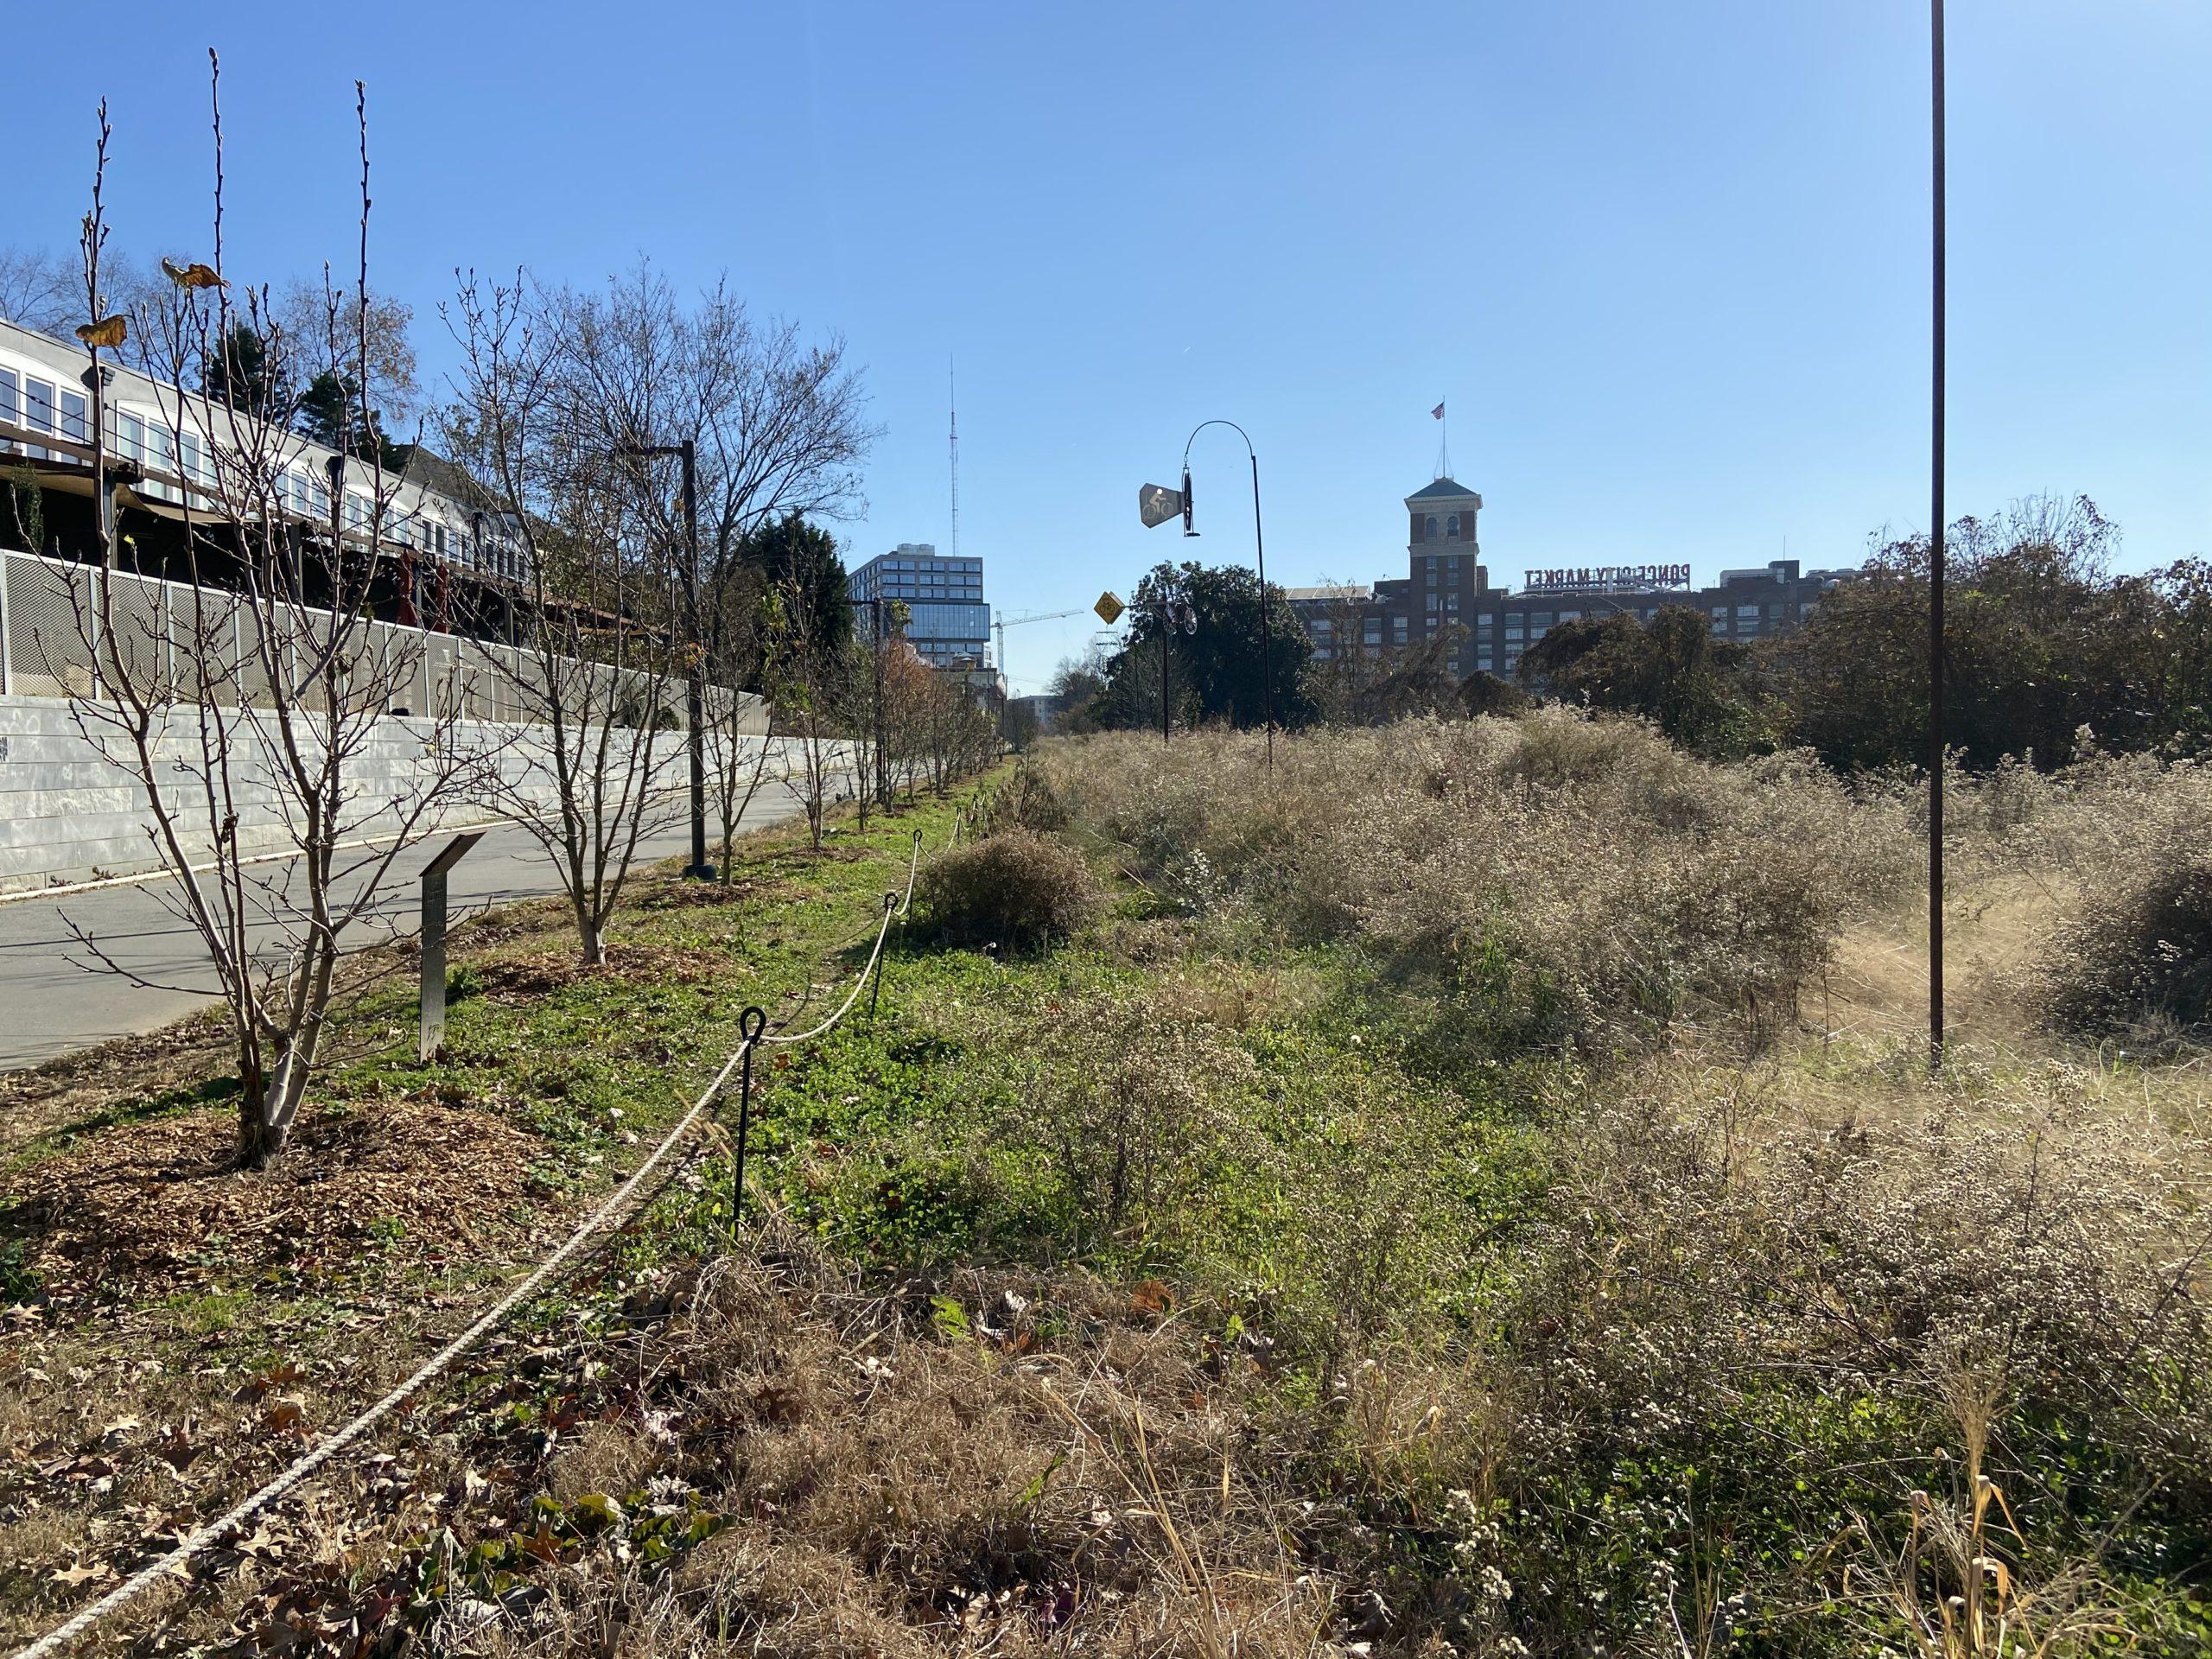 Arboretum13dot5